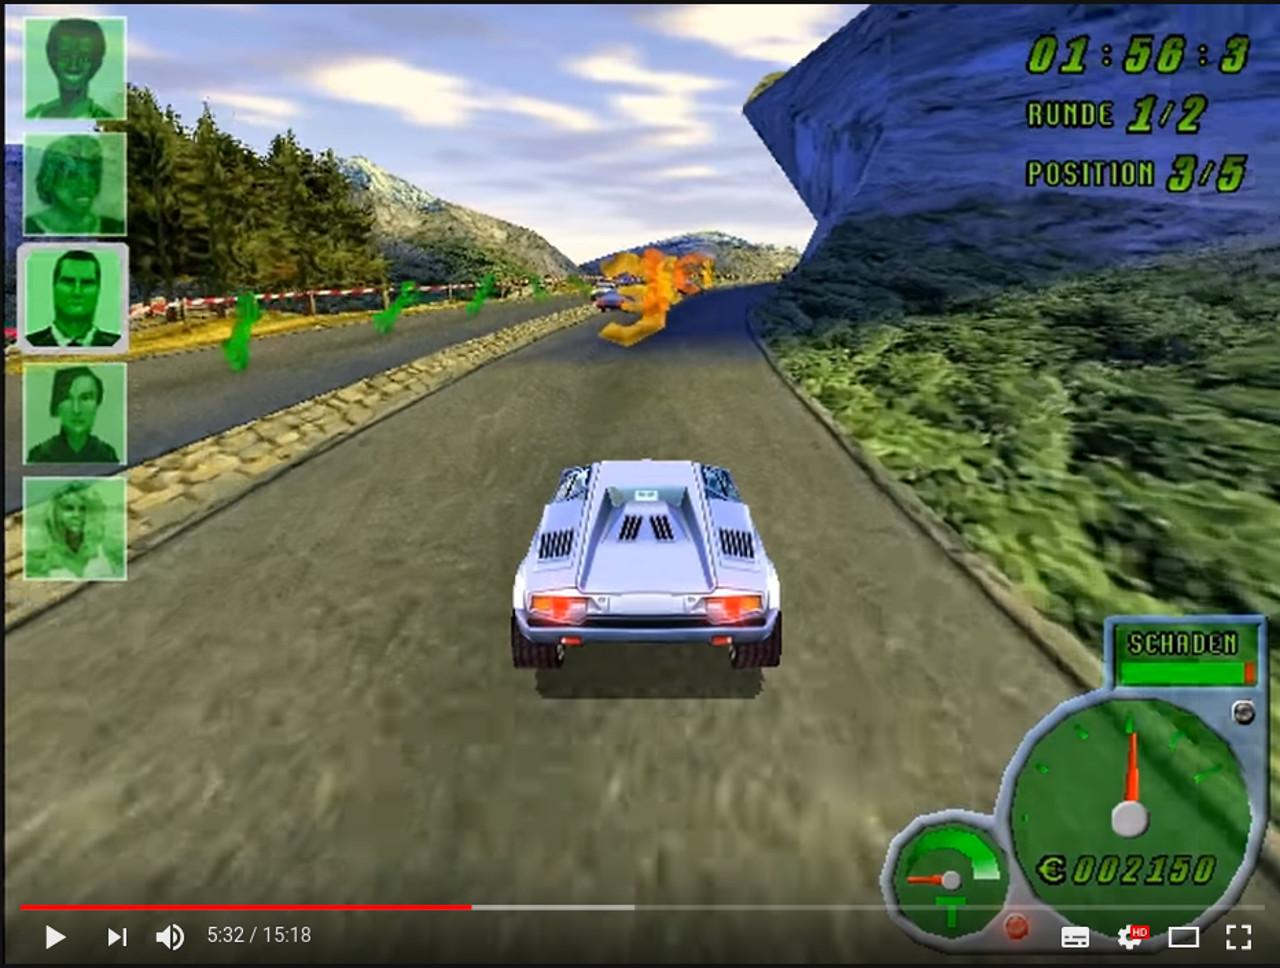 """Mit Let's Plays und Videos rund um Spiele und Technik betrieb ich bis 2018 einen Kanal unter dem Namen """"kepu94"""", hier ist das Let's Play zum Rennspiel """"Autobahn Raser III: Die Polizei schlägt zurück"""" aus dem Jahr 2013 zu sehen. Gespielt wurde hier auf einem Pentium-III-PC."""